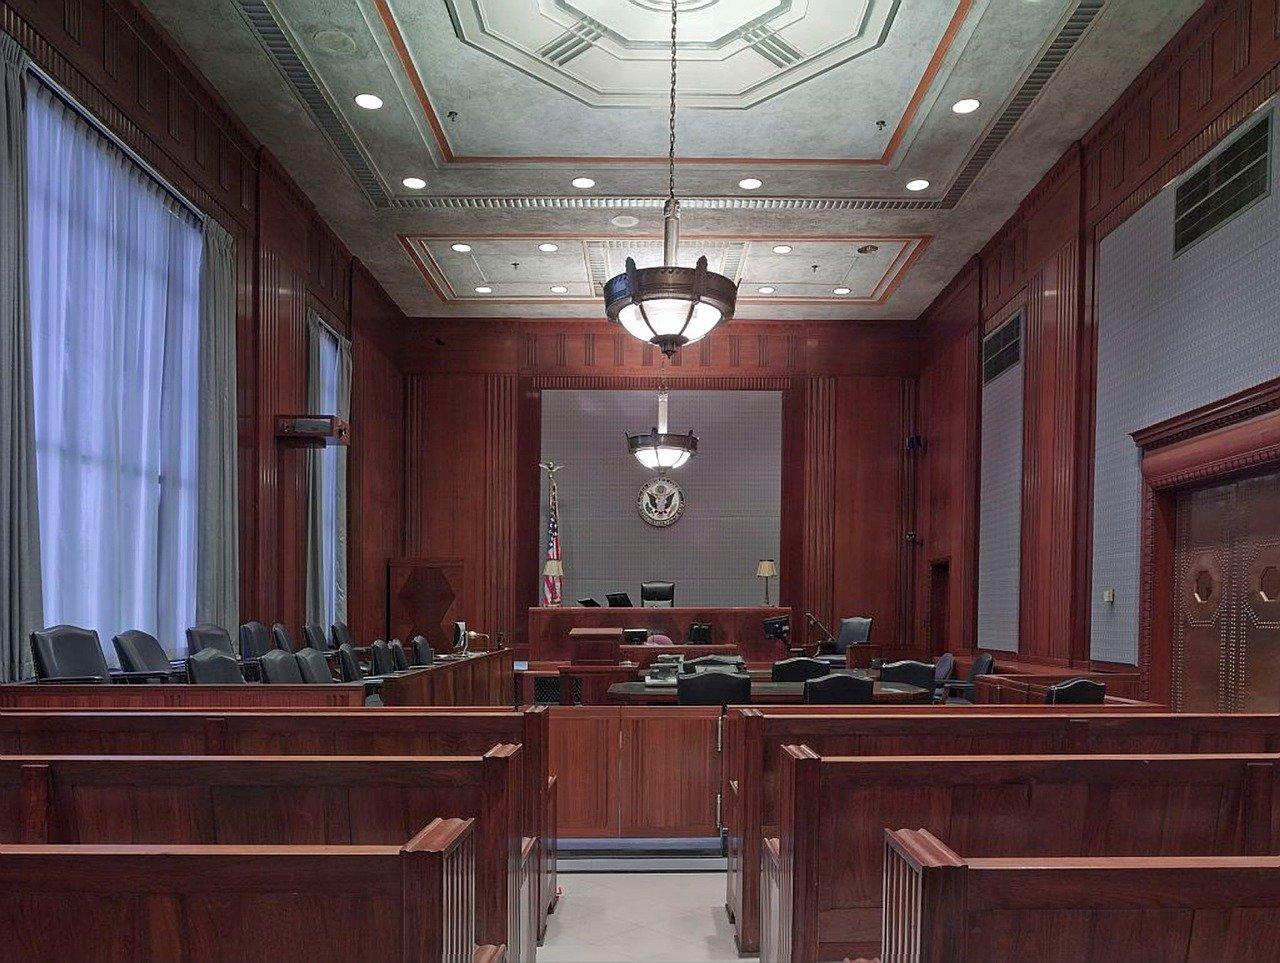 伊藤詩織さん勝訴後の山口敬之氏いわく「高等裁判所での裁判を通じて強く訴えていきます」